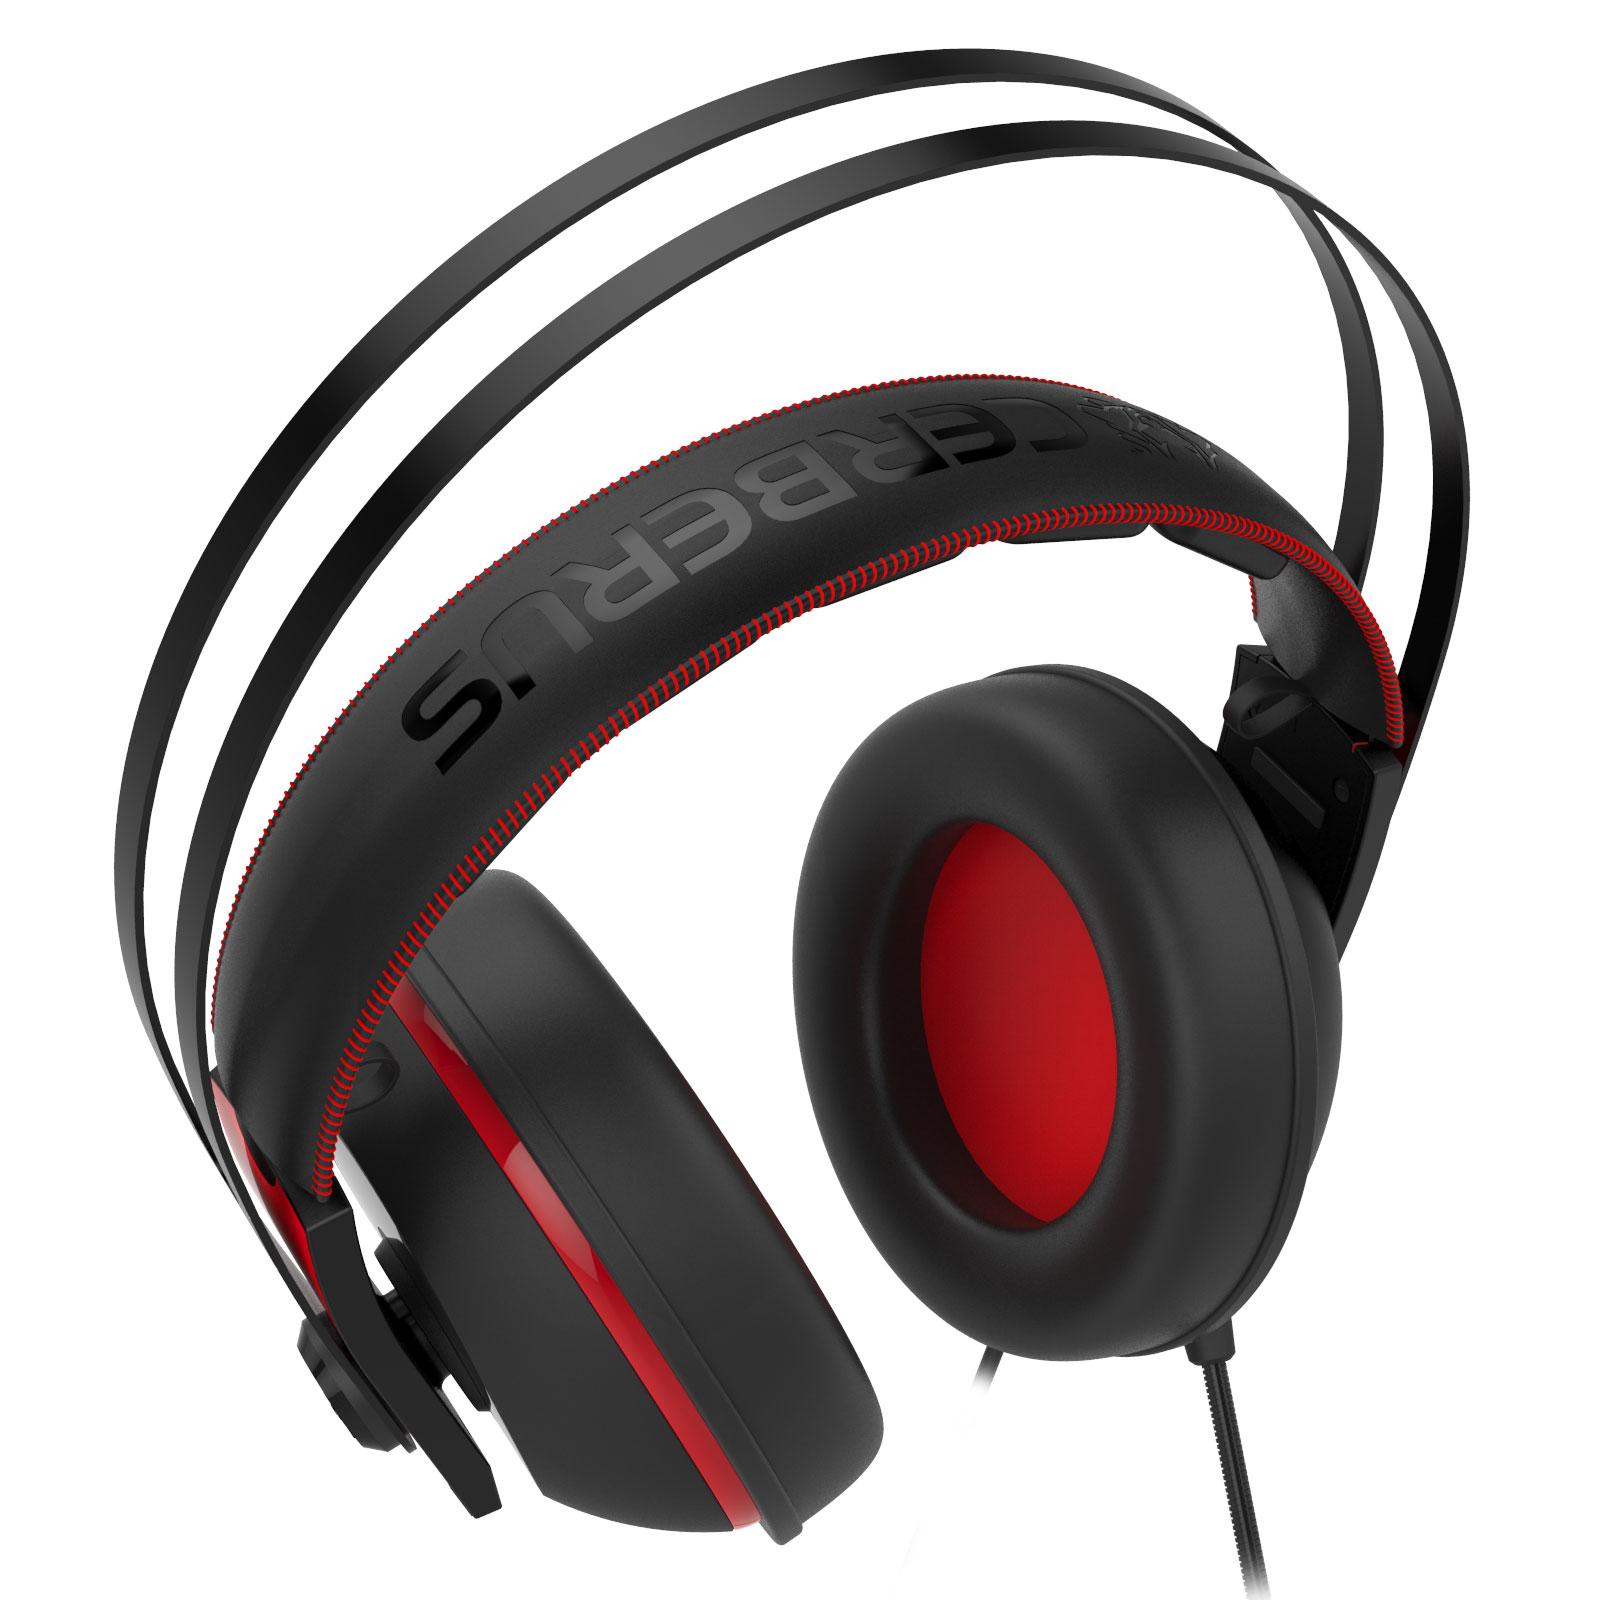 Asus Cerberus V2 Rouge Stereo Noir - Micro-casque - Cybertek.fr - 4